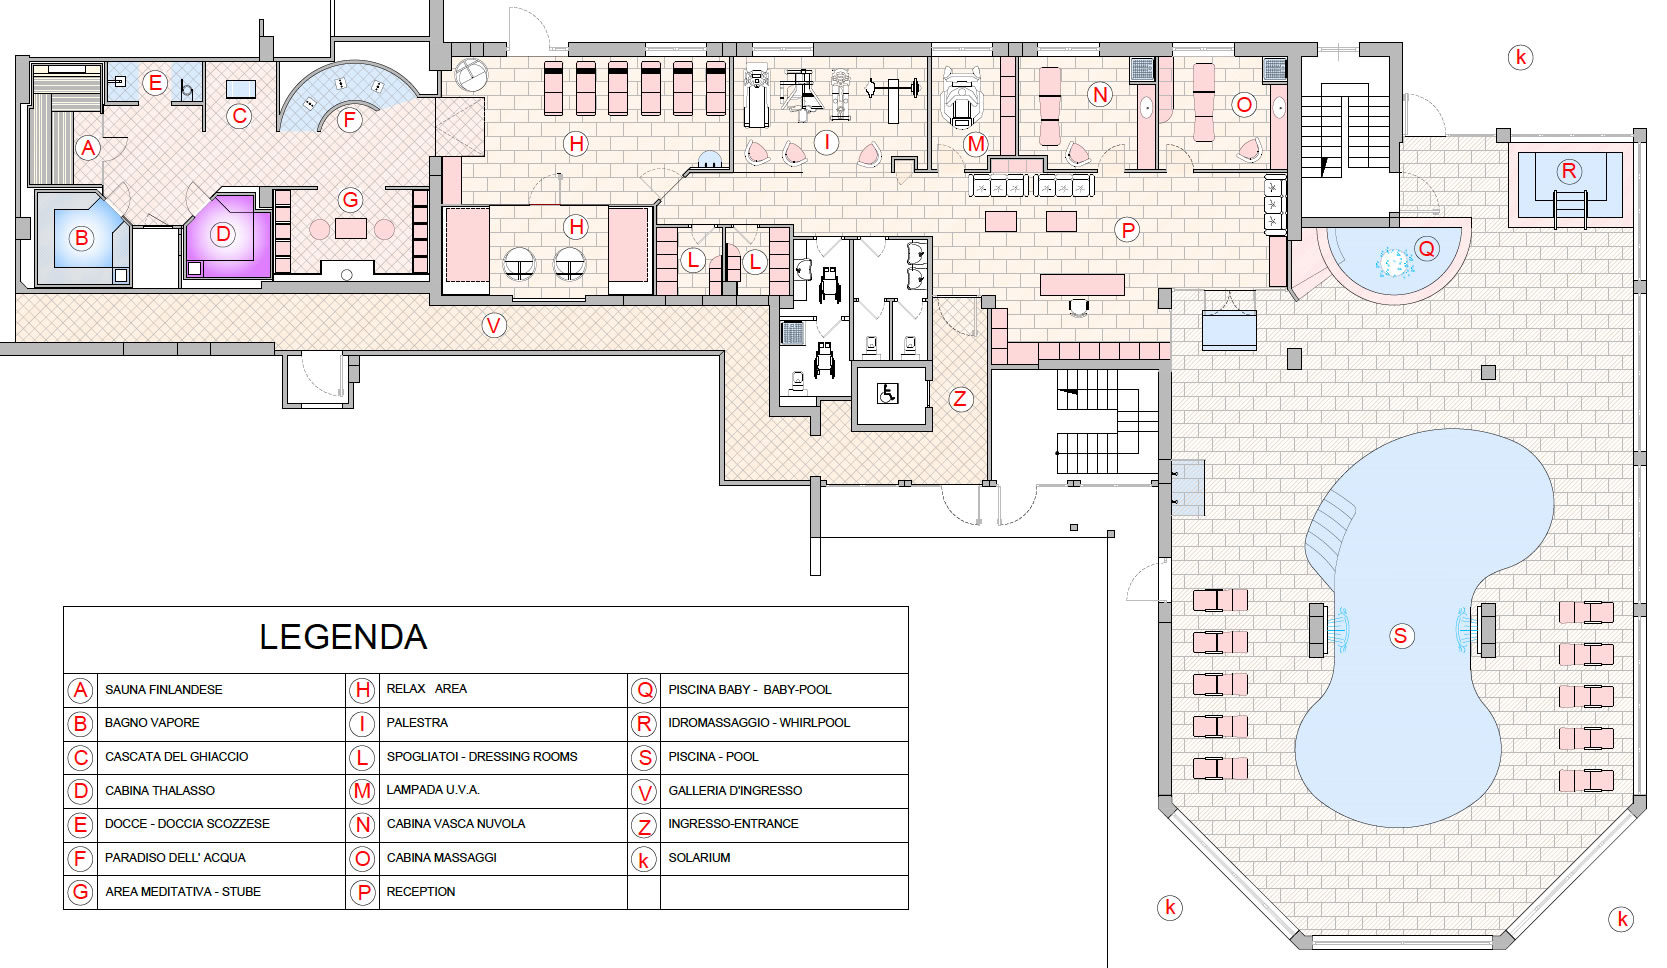 Mappa Gardenia Spa